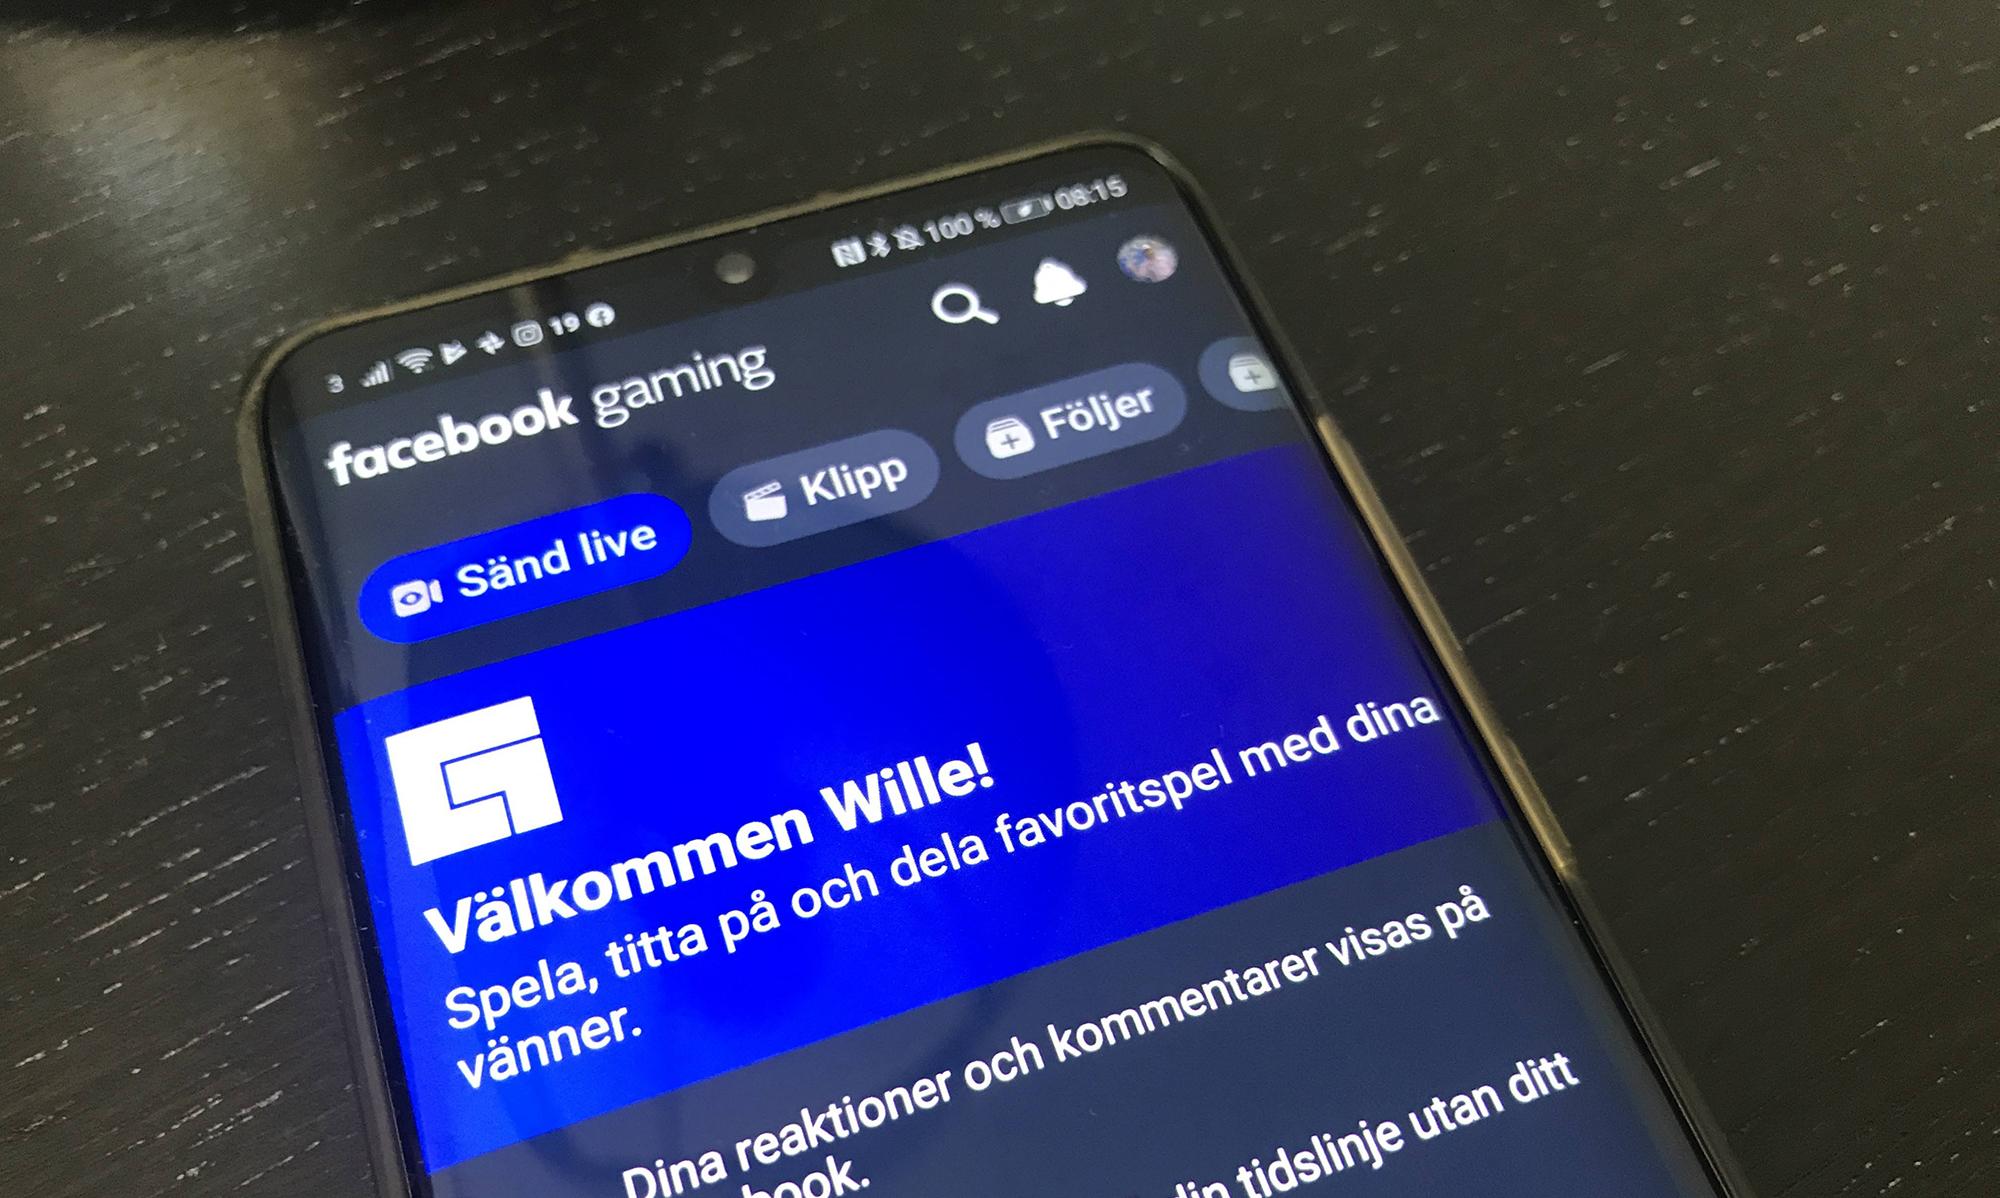 Facebook släpper gaming-app Spela och titta på när andra spelar